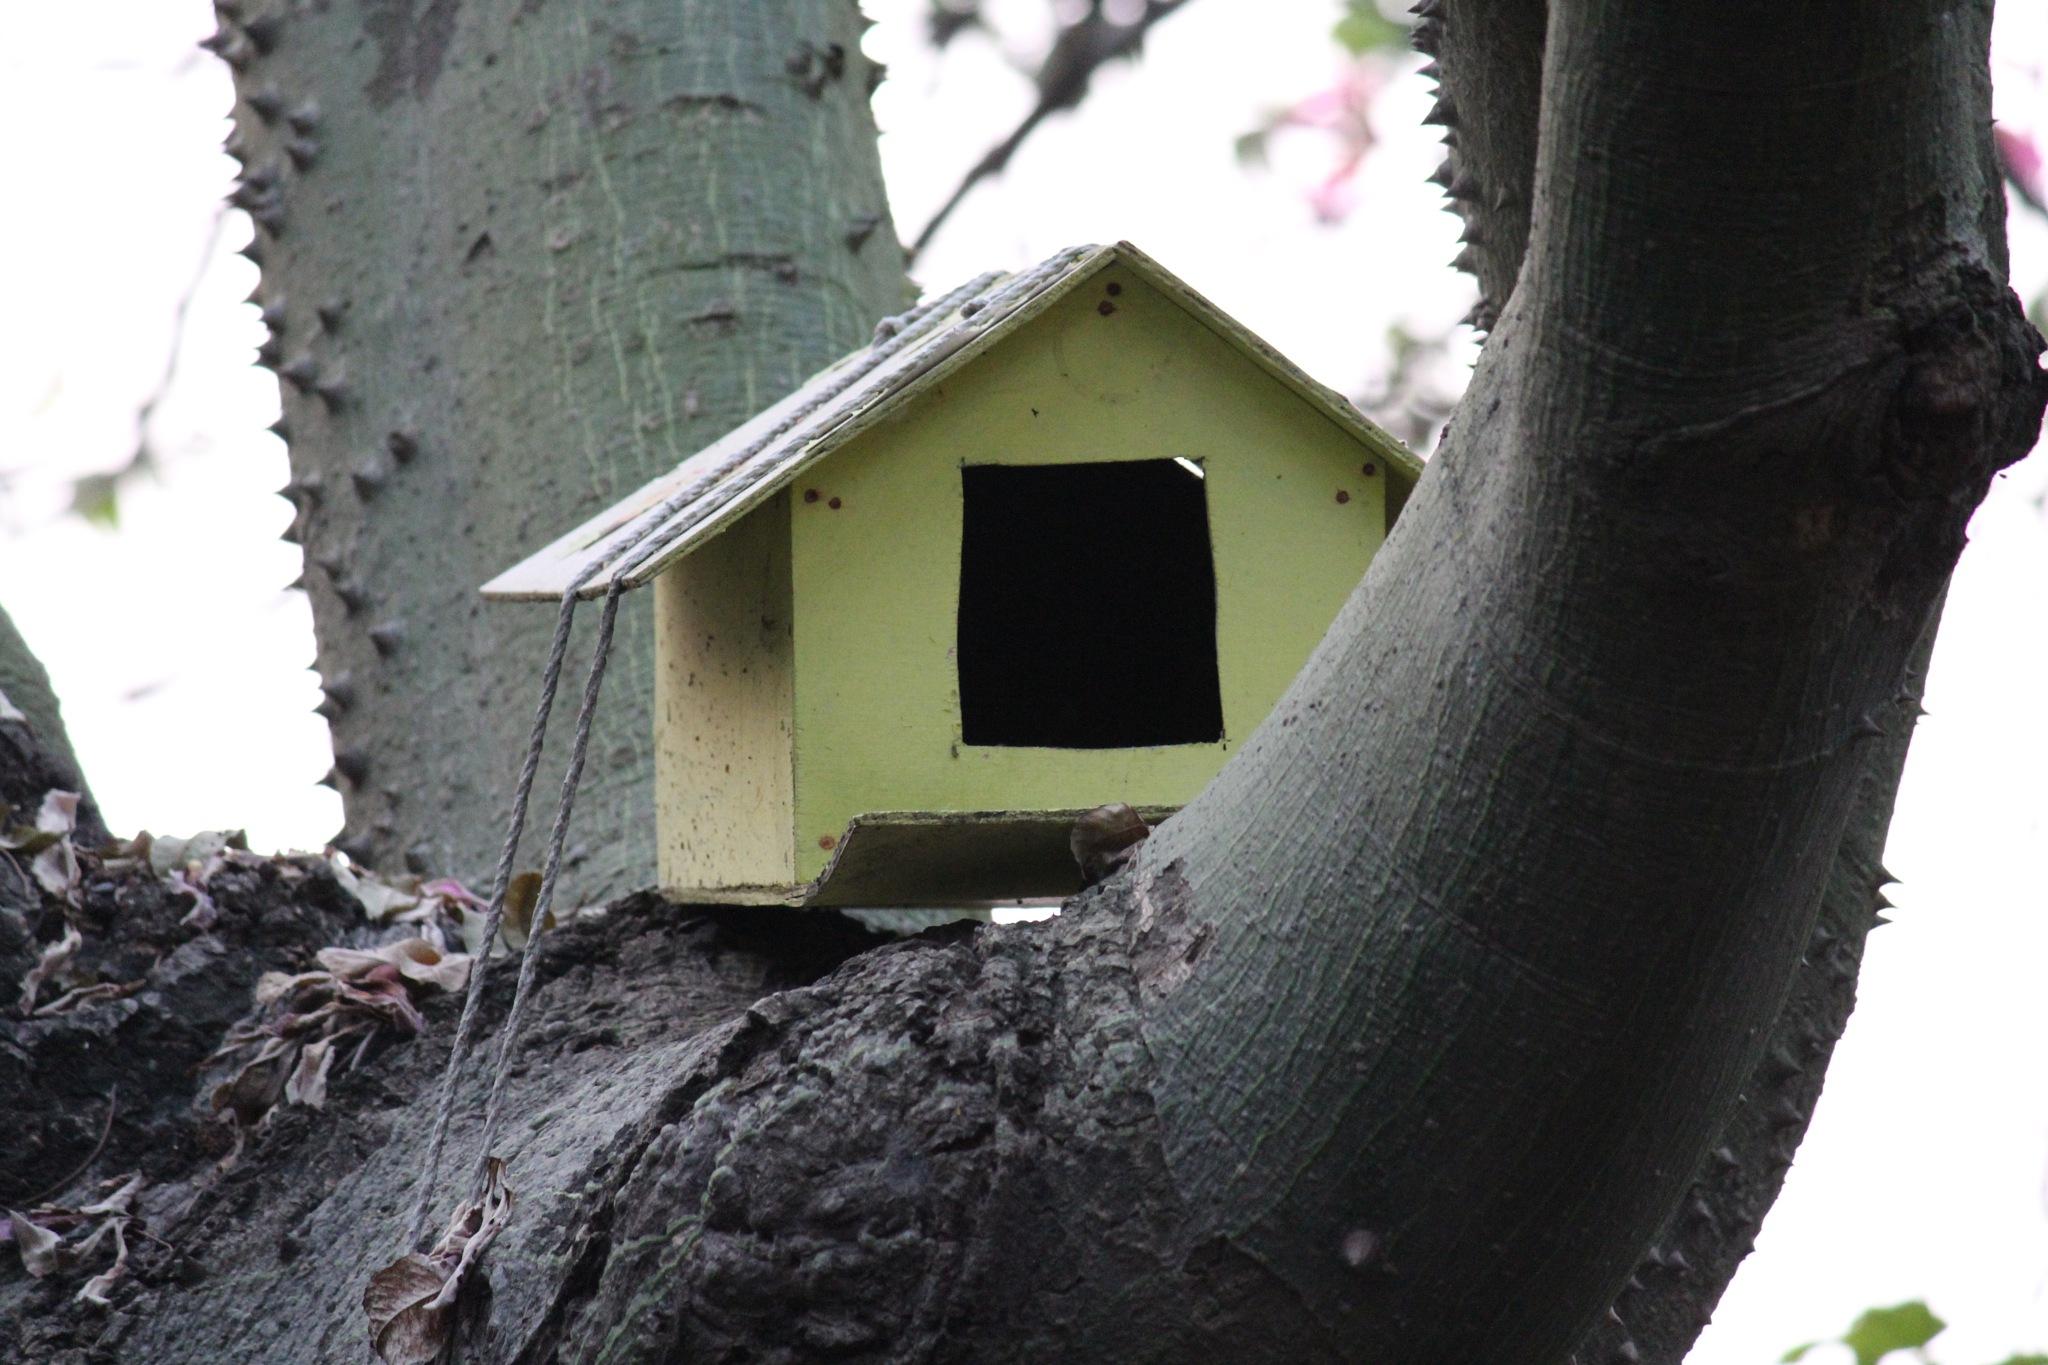 Tree House by Himayun Meer